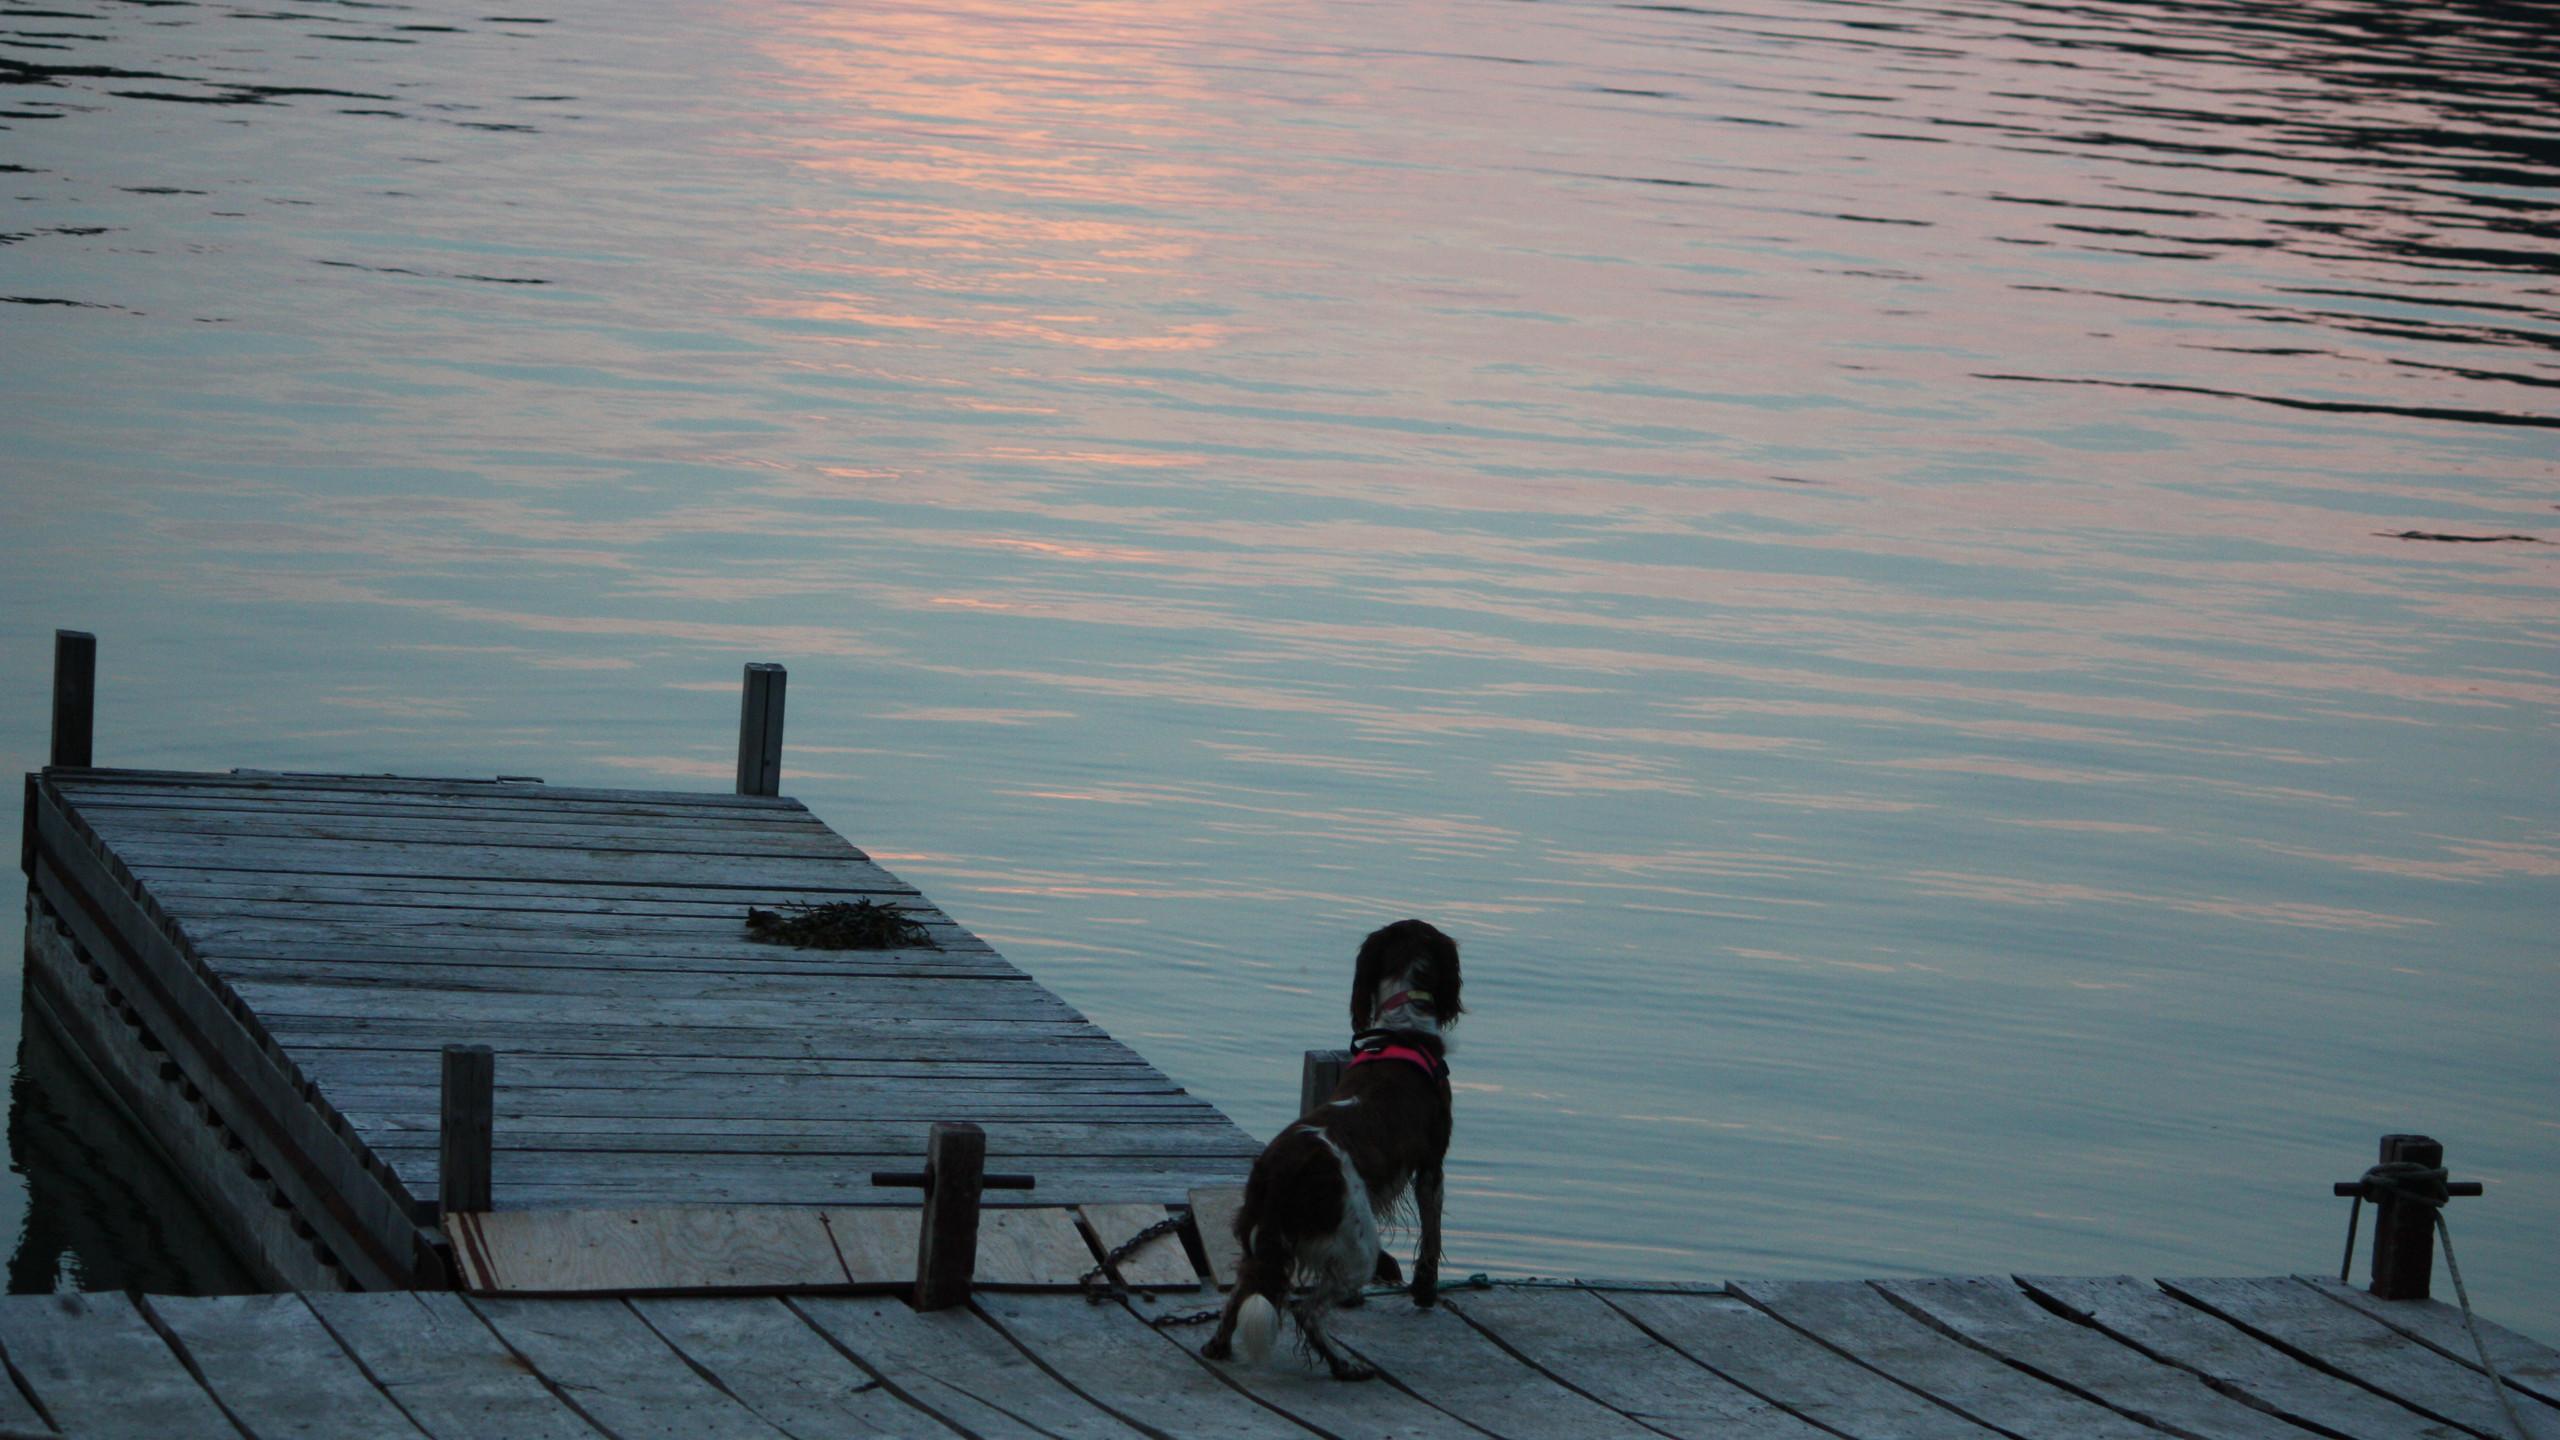 Sur le quai, on surveille.